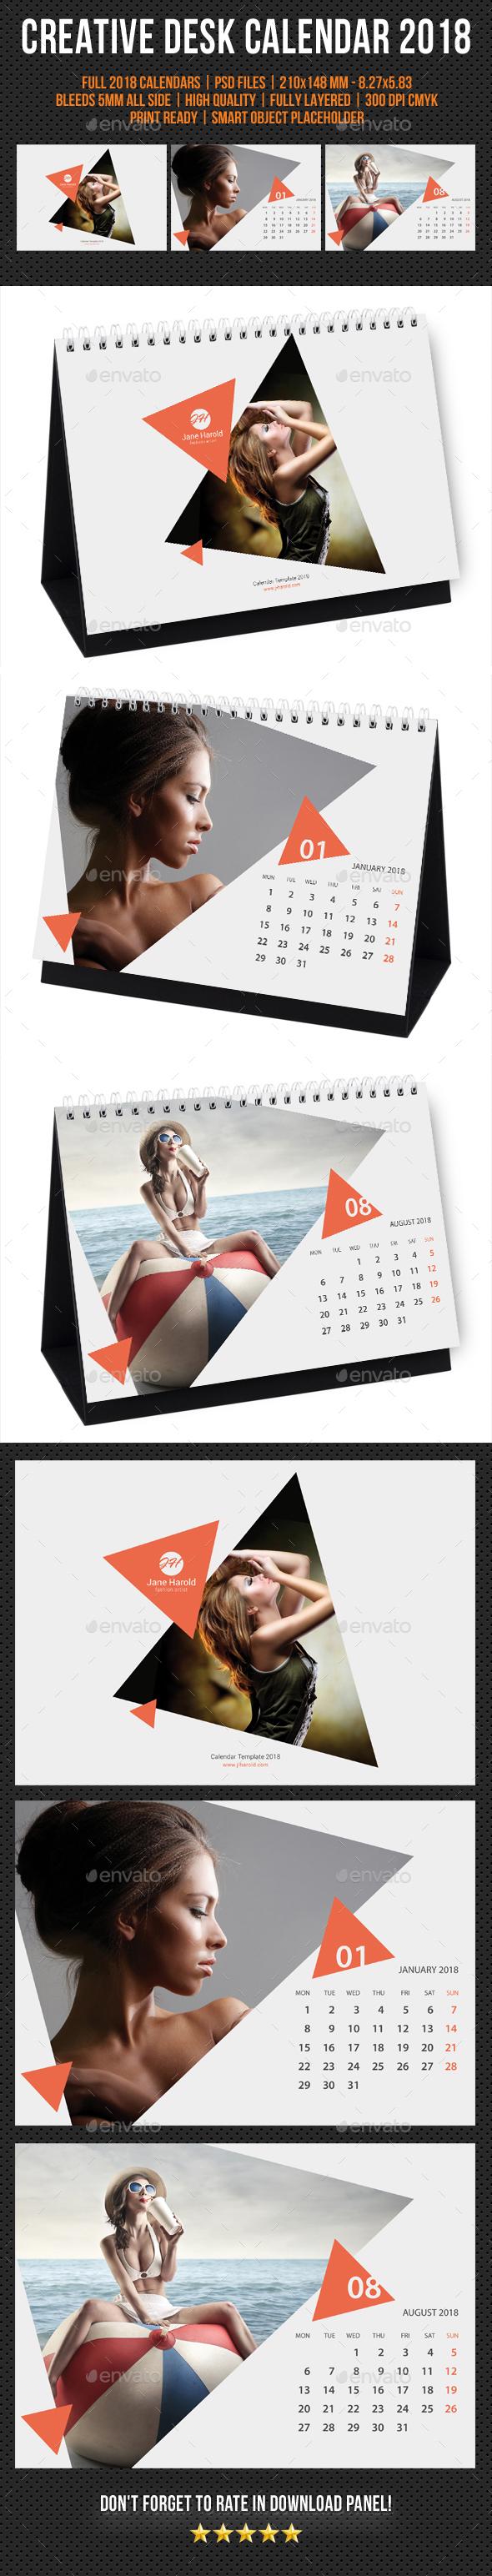 Creative Desk Calendar 2018 V27 - Calendars Stationery